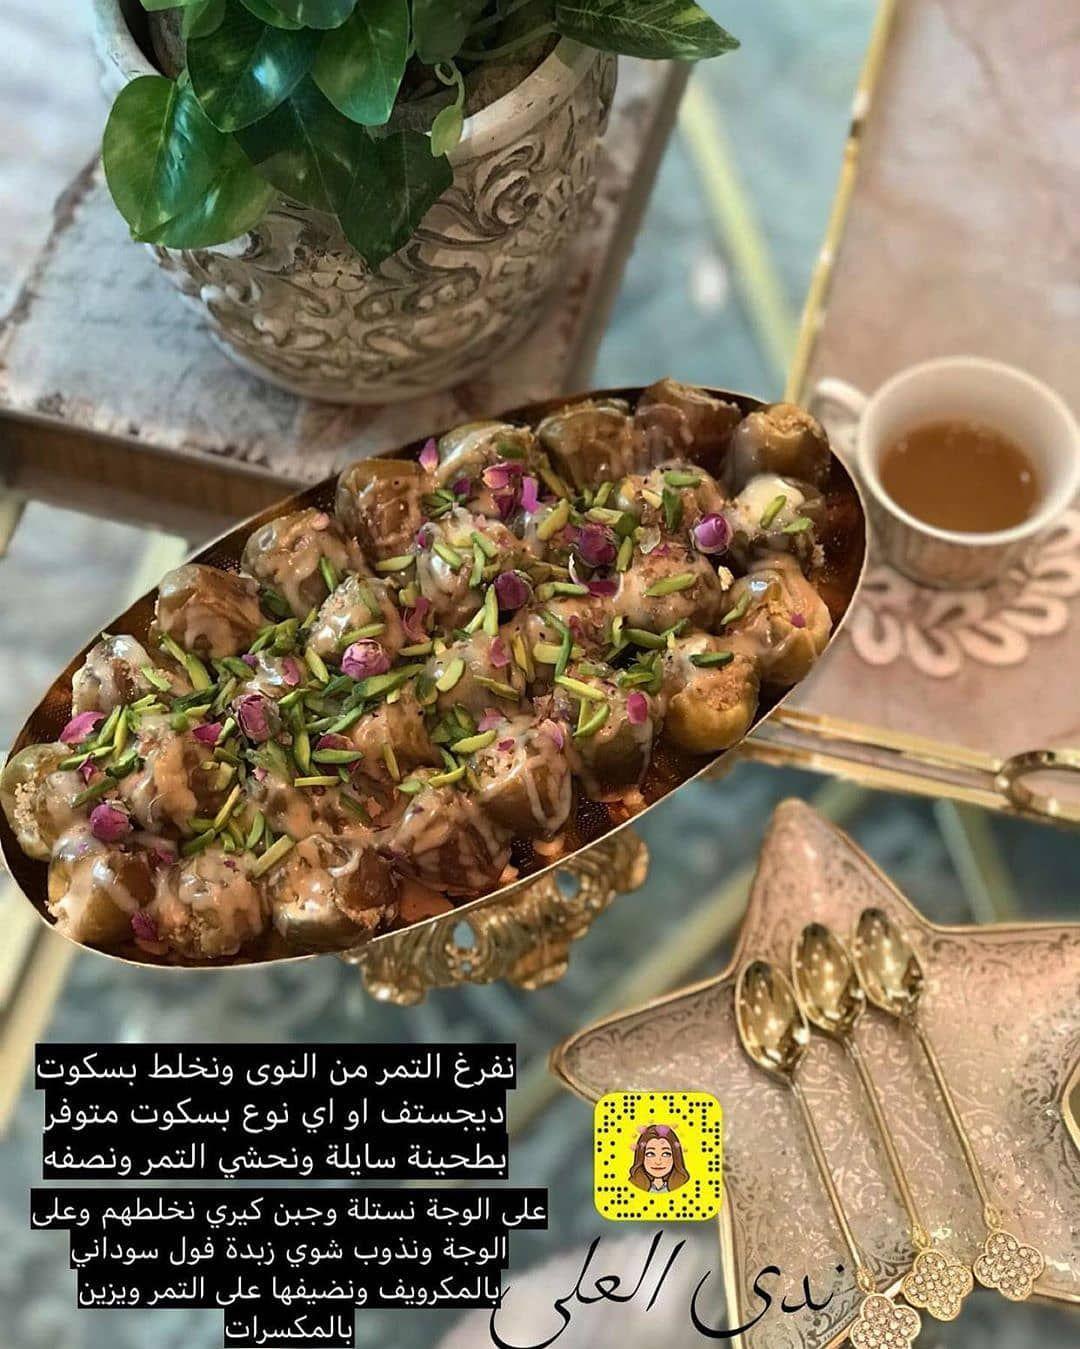 مطبخ أجمل إحساس On Instagram اللهم أسعد قلب كل من ذكرك وصلى على نبيك تمر محشي بطريقة المبدعة Nada668 Arabic Food Recipes Food